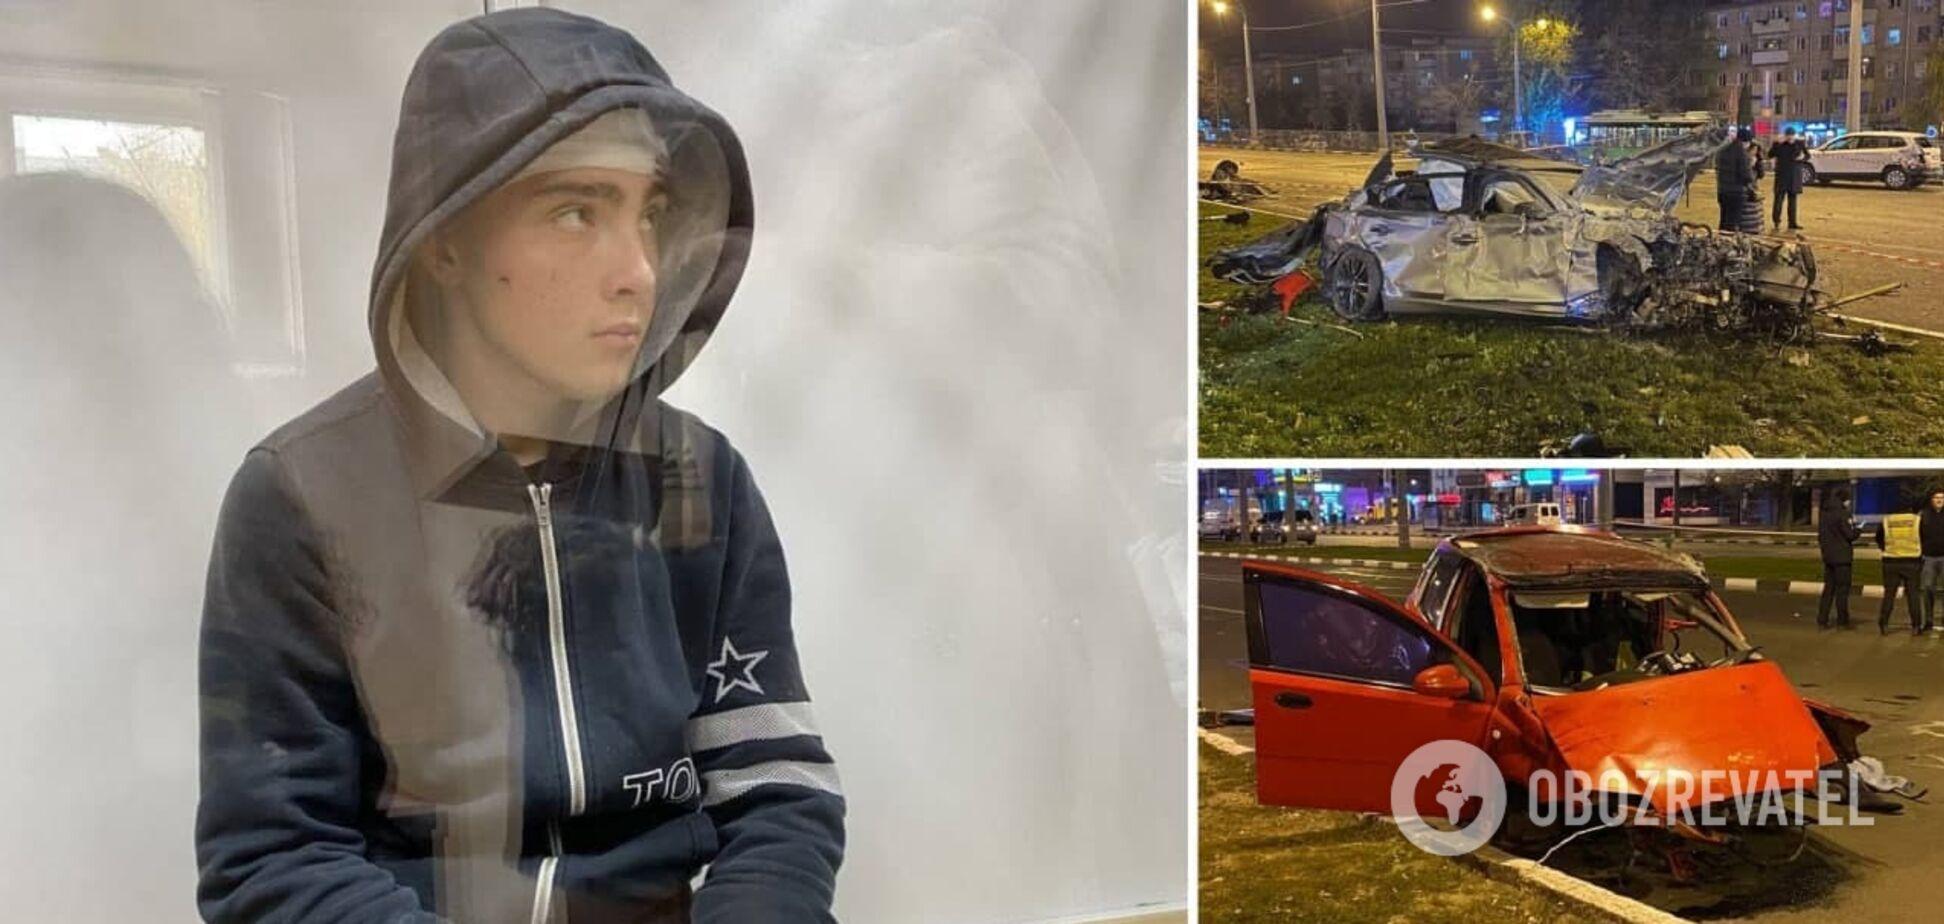 16-летнему виновнику ДТП в Харькове могут добавить срок из-за непогашенной судимости